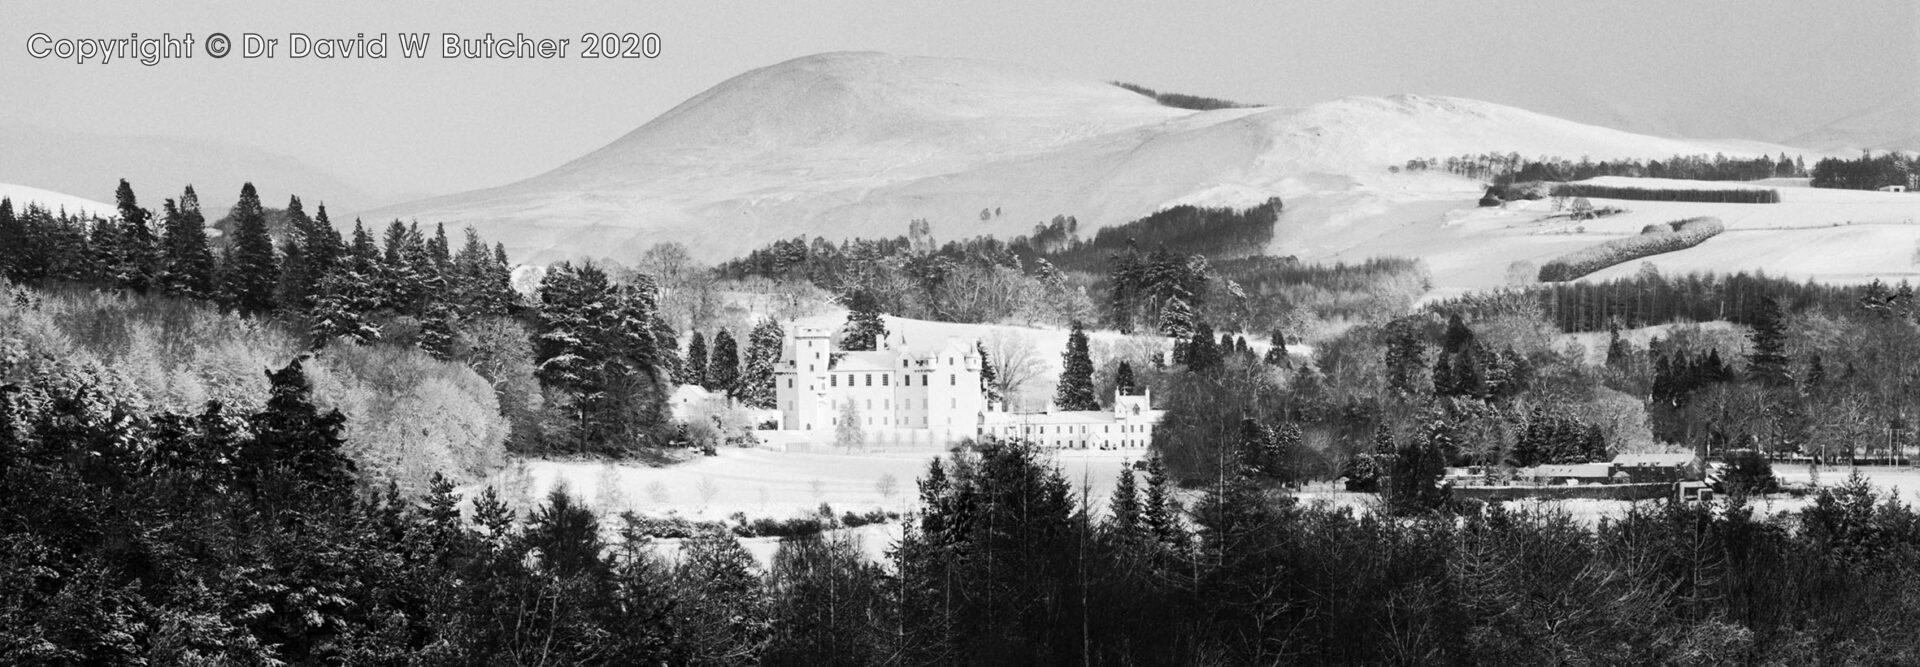 Blair Atholl Castle and Munro's, Perthshire, Scotland